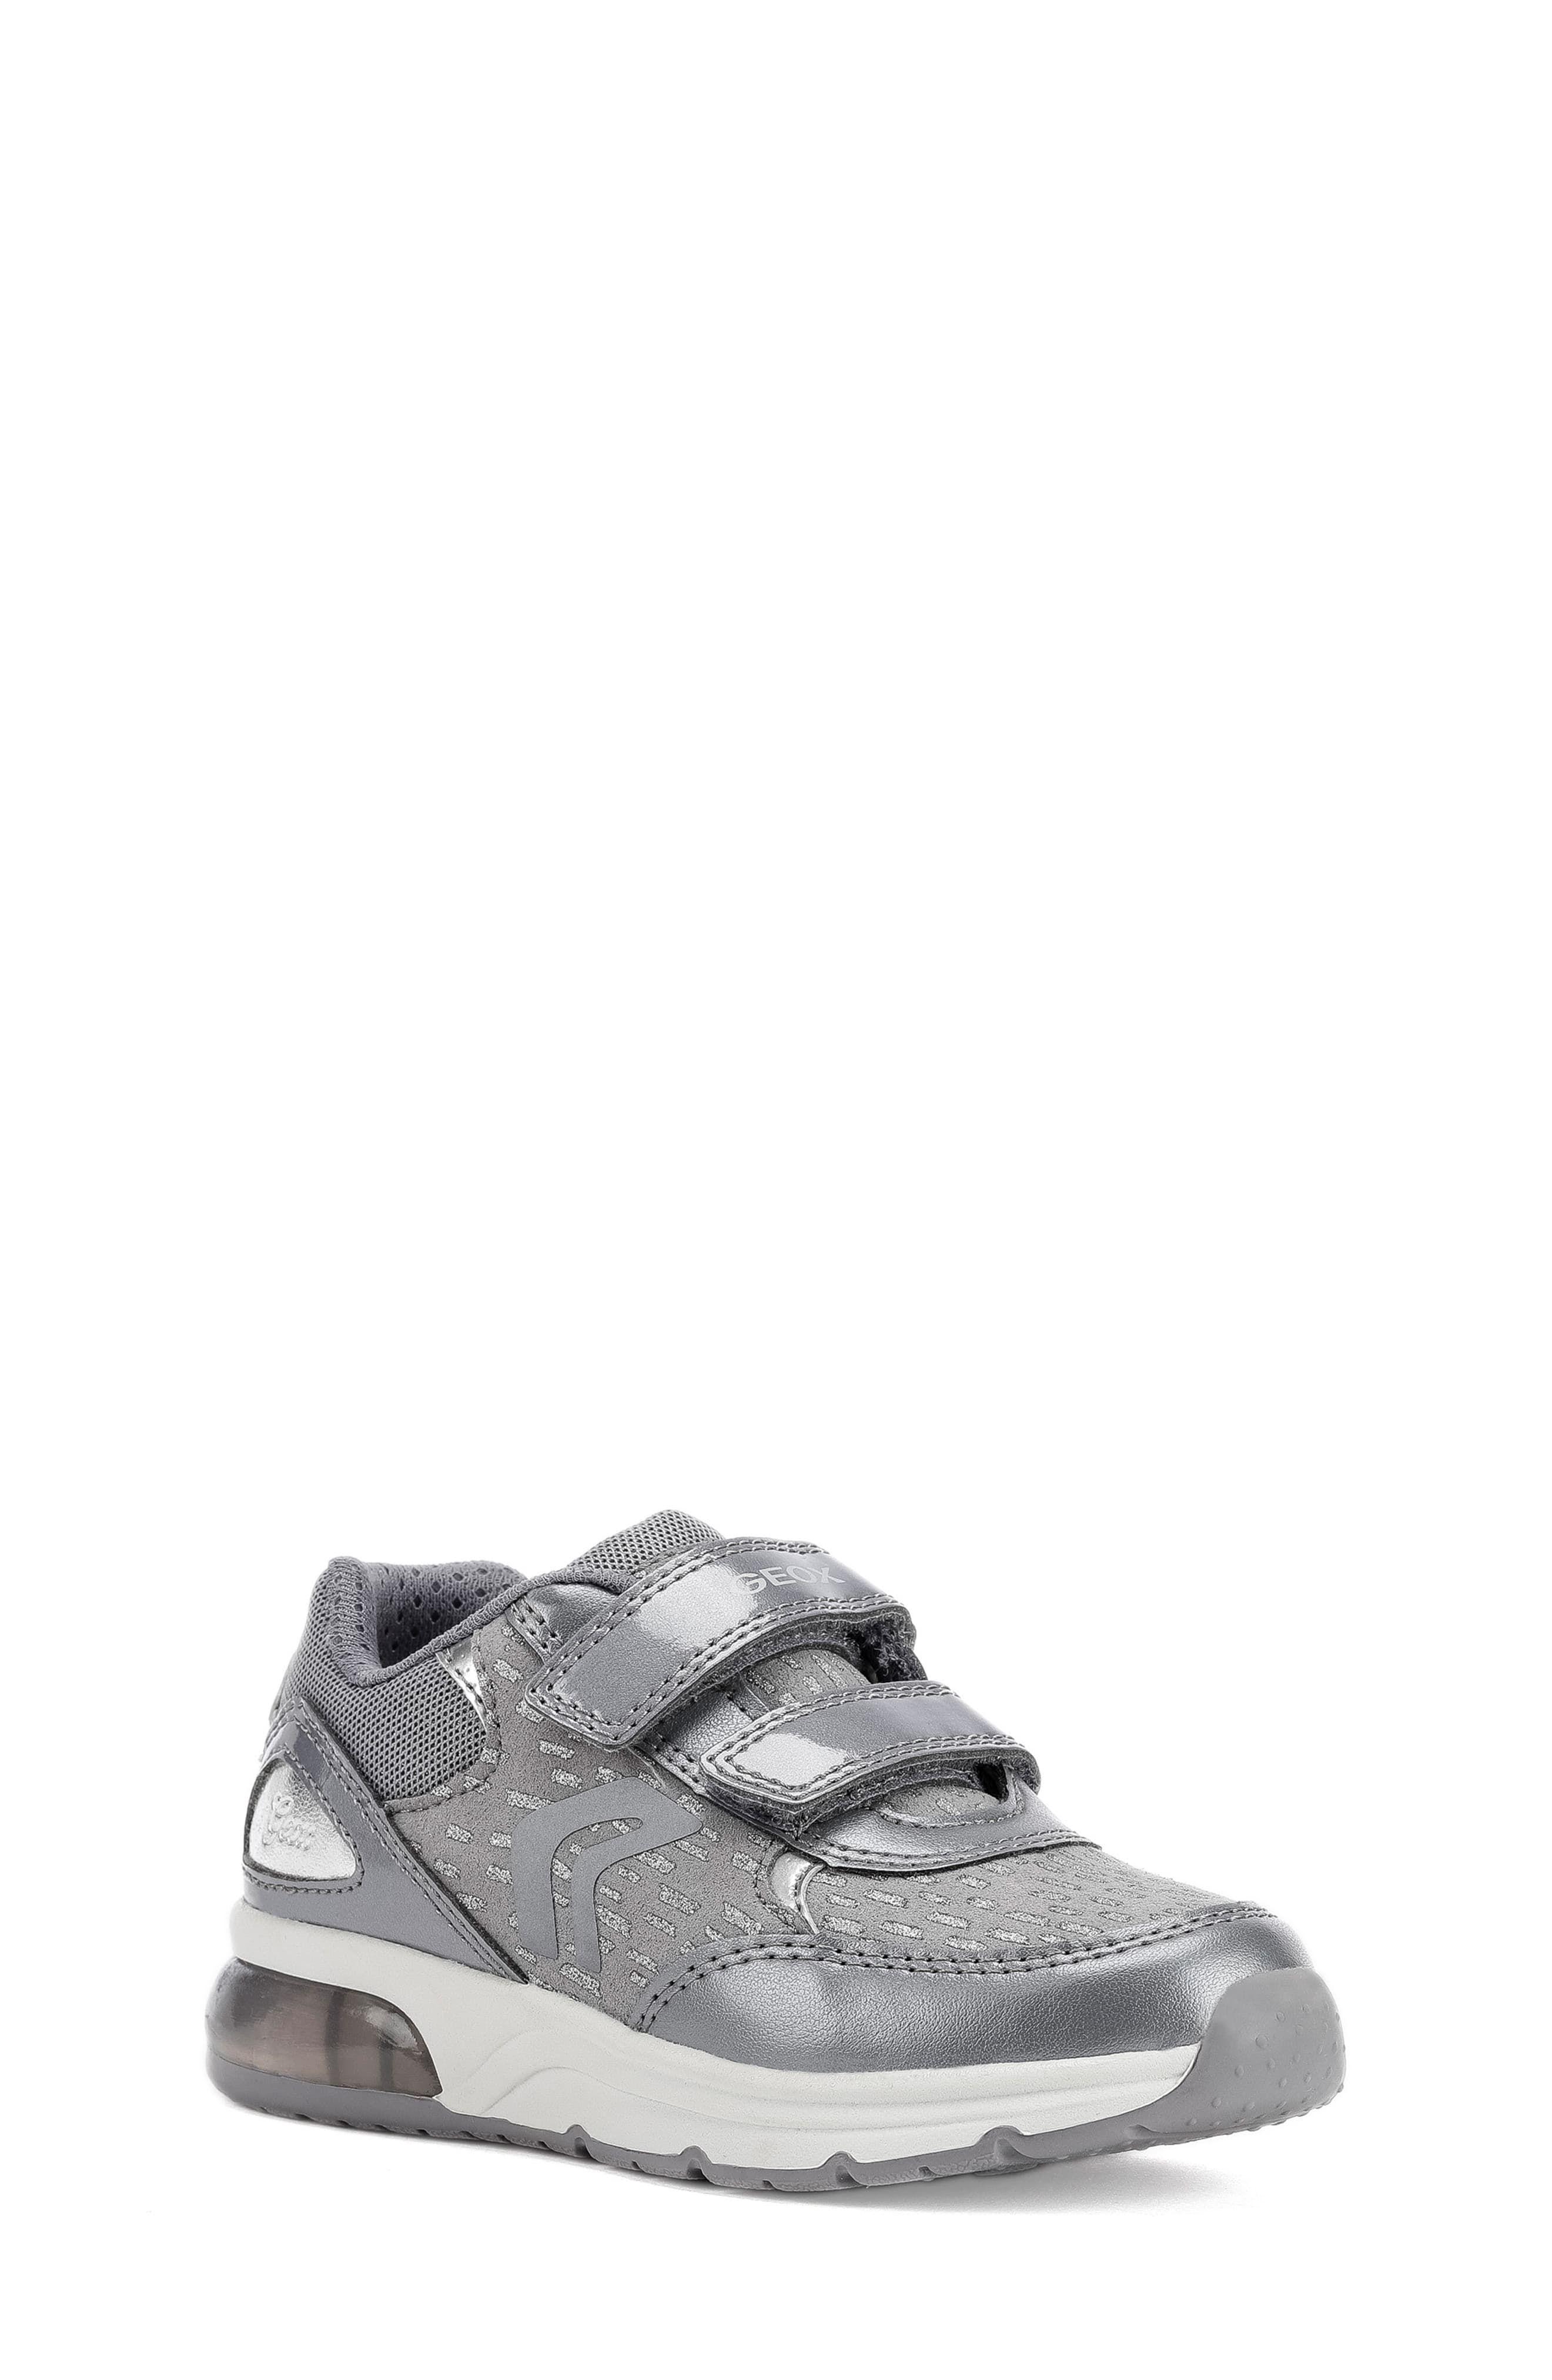 Geox Spaceclub Light Up Sneaker (Toddler, Little Kid & Big